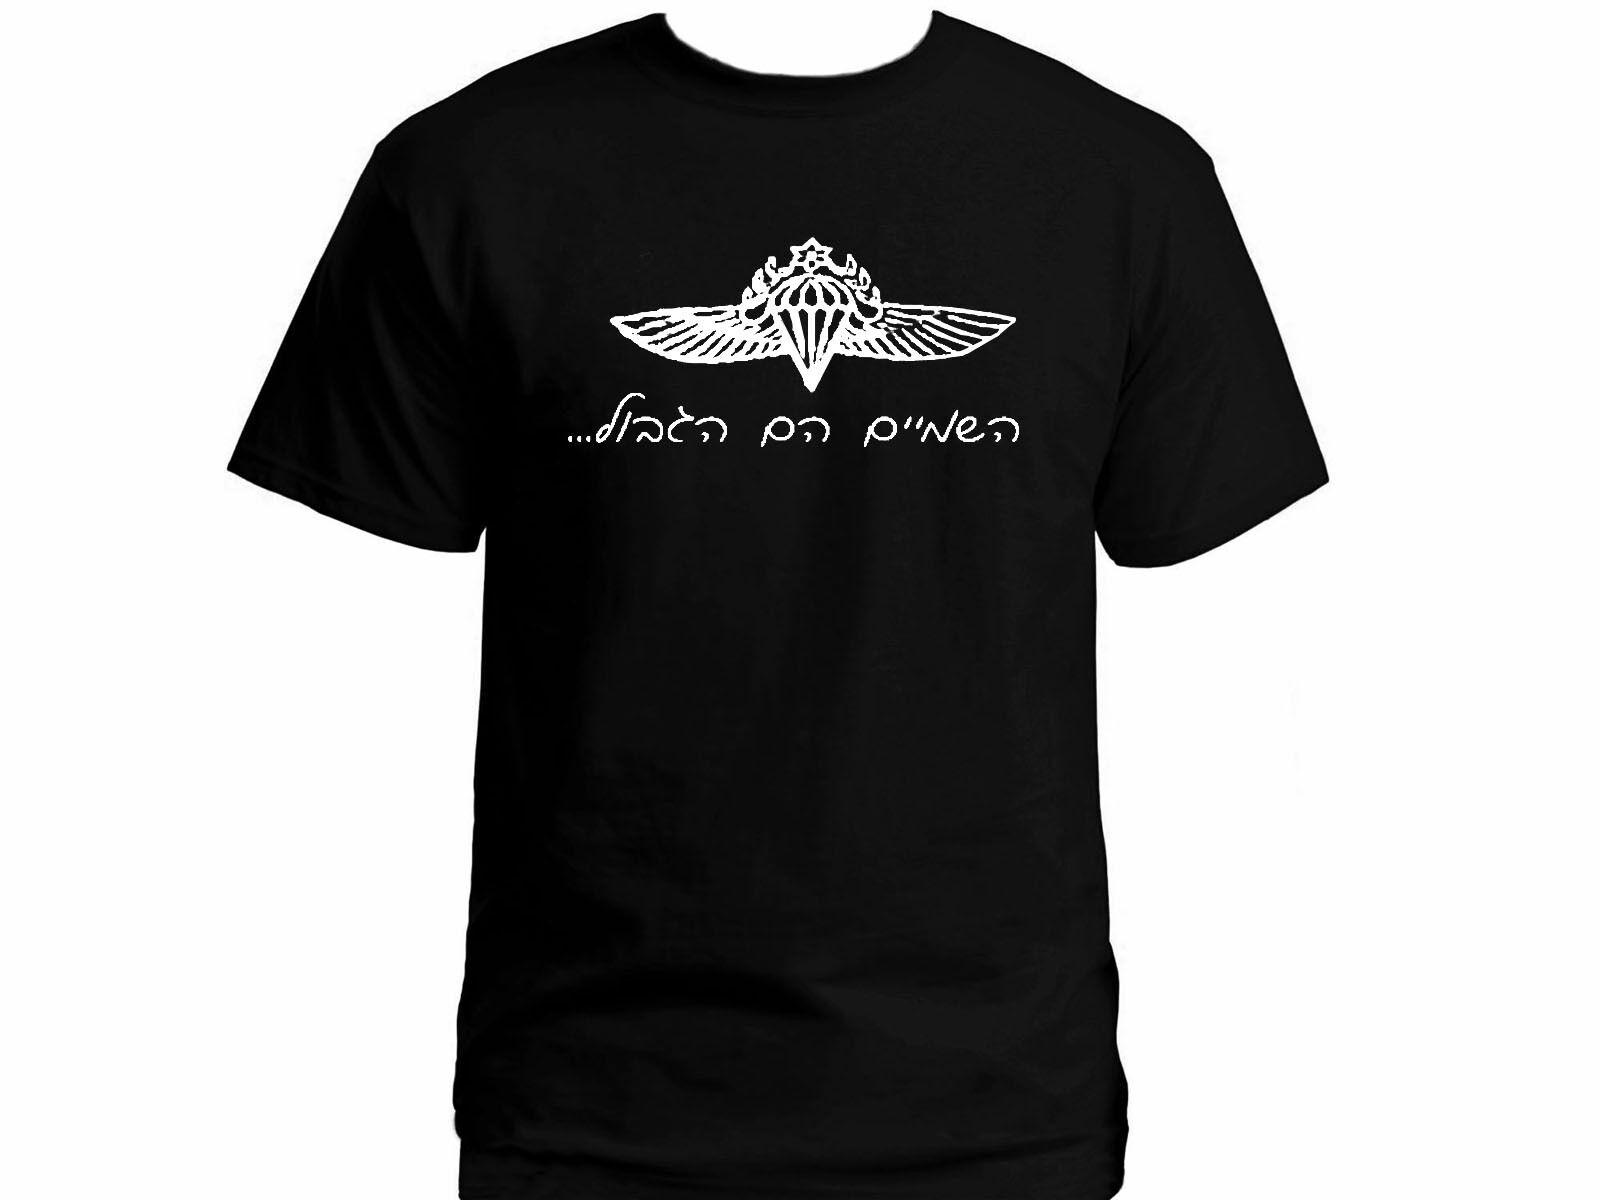 Jewish Israeli army IDF ZAHAL Paratroopers Tzanhanim black new t-shirt US XXL